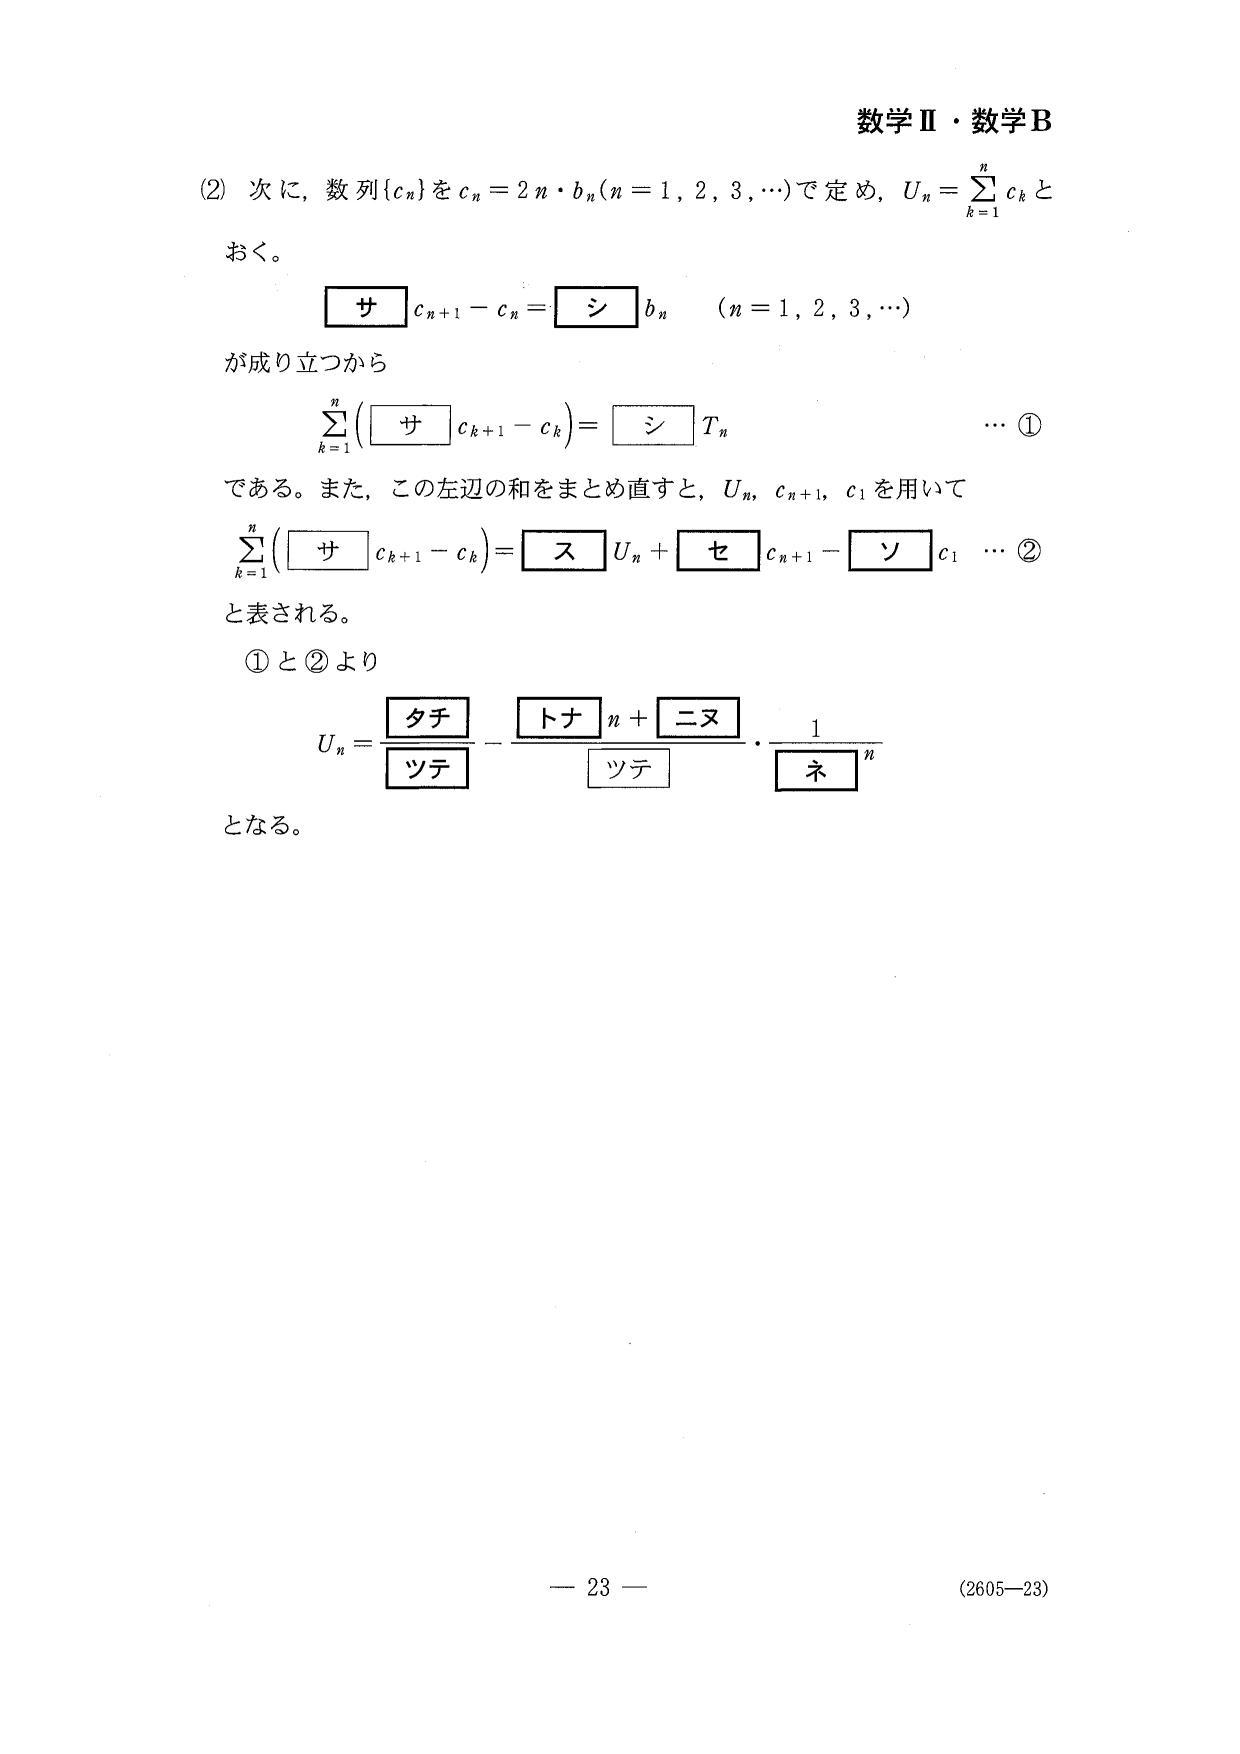 214_02.jpg